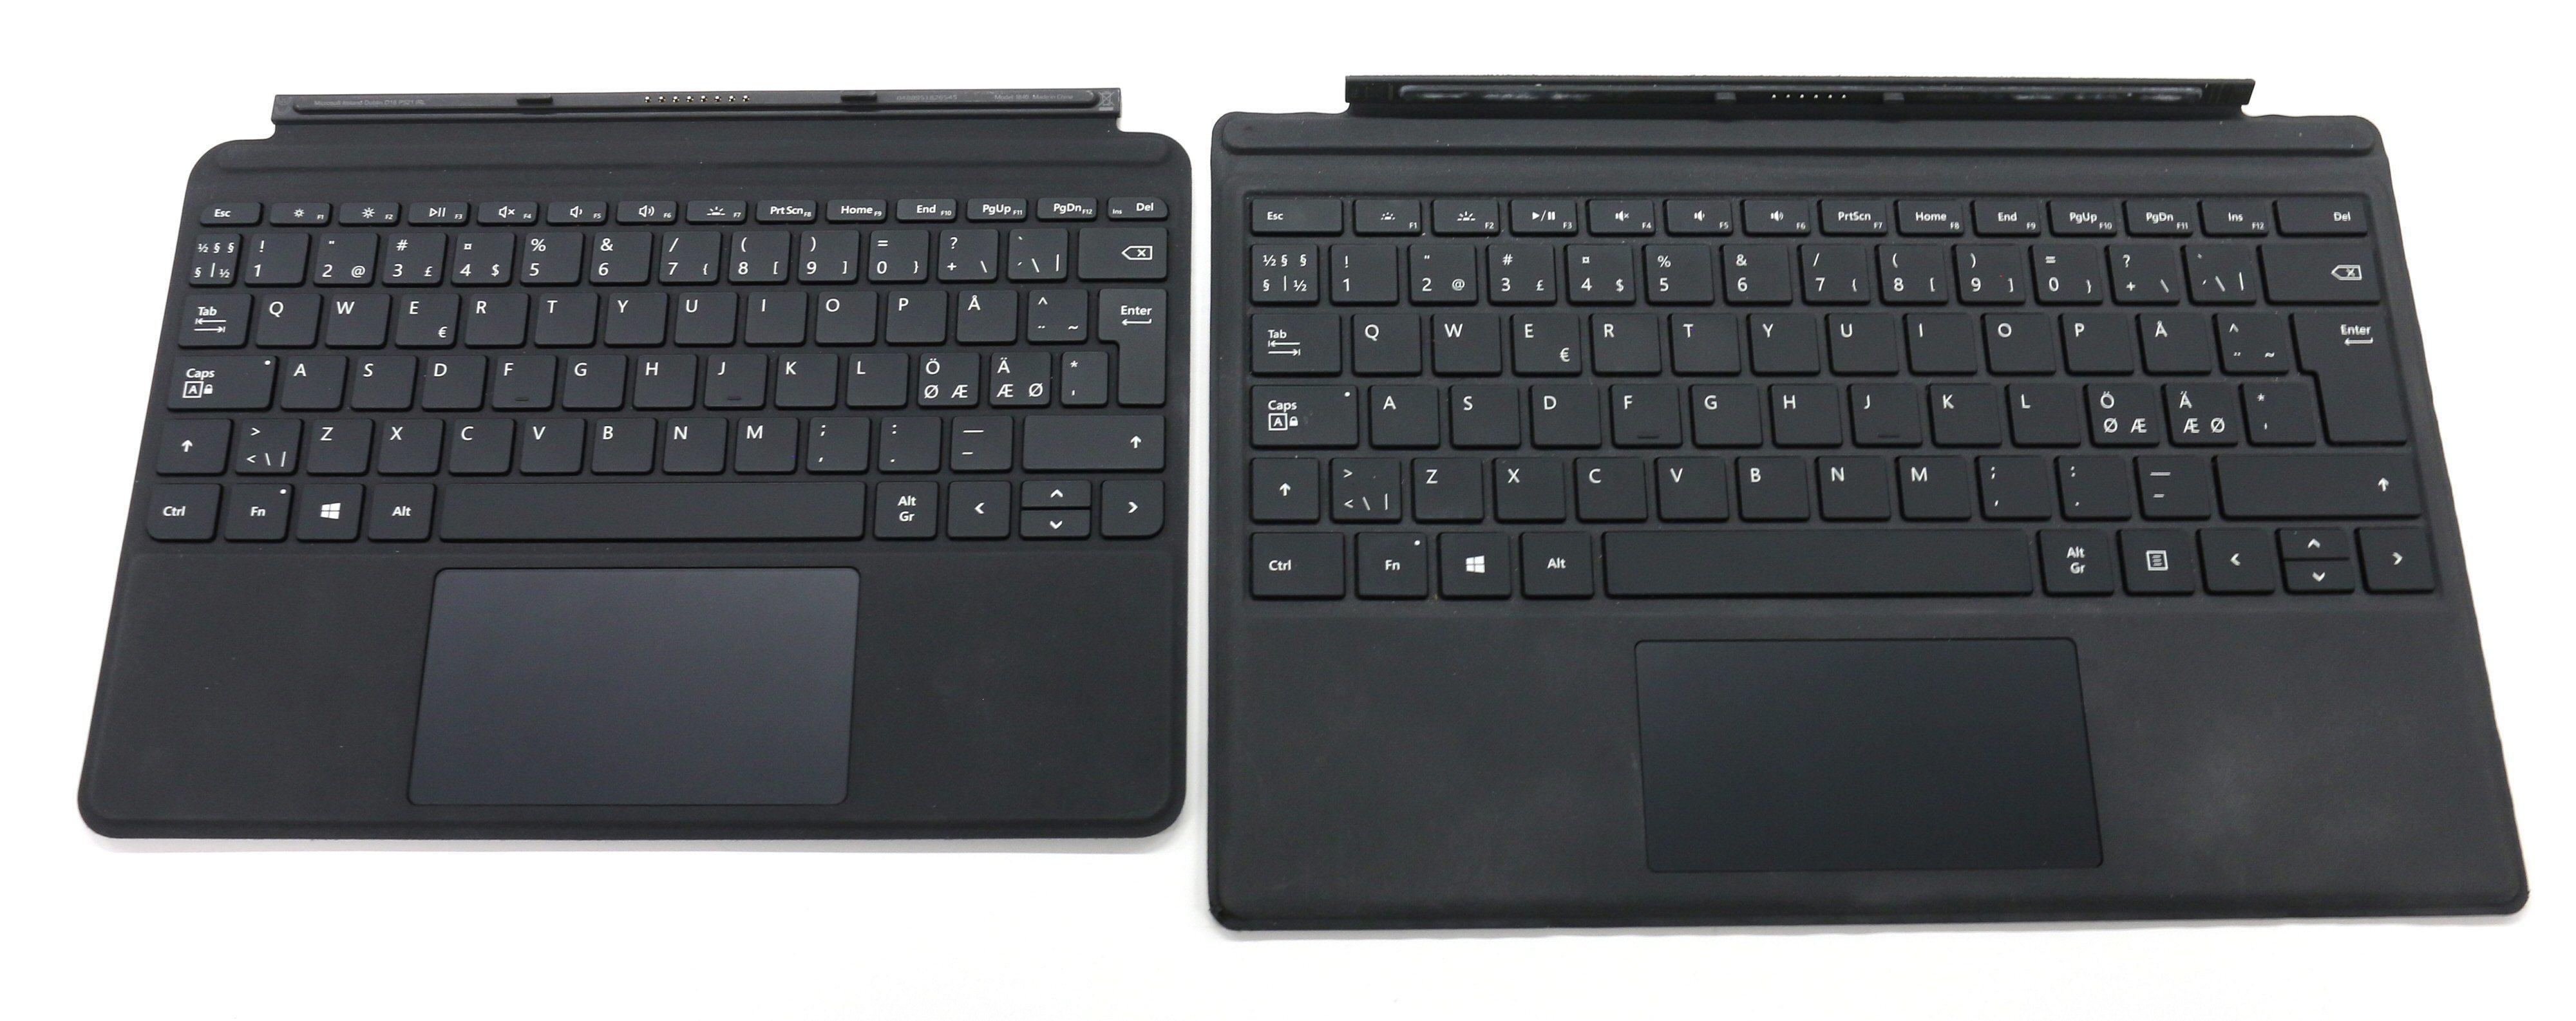 Tastaturdeksel til Surface Go ved siden av tilsvarende for Surface Pro.